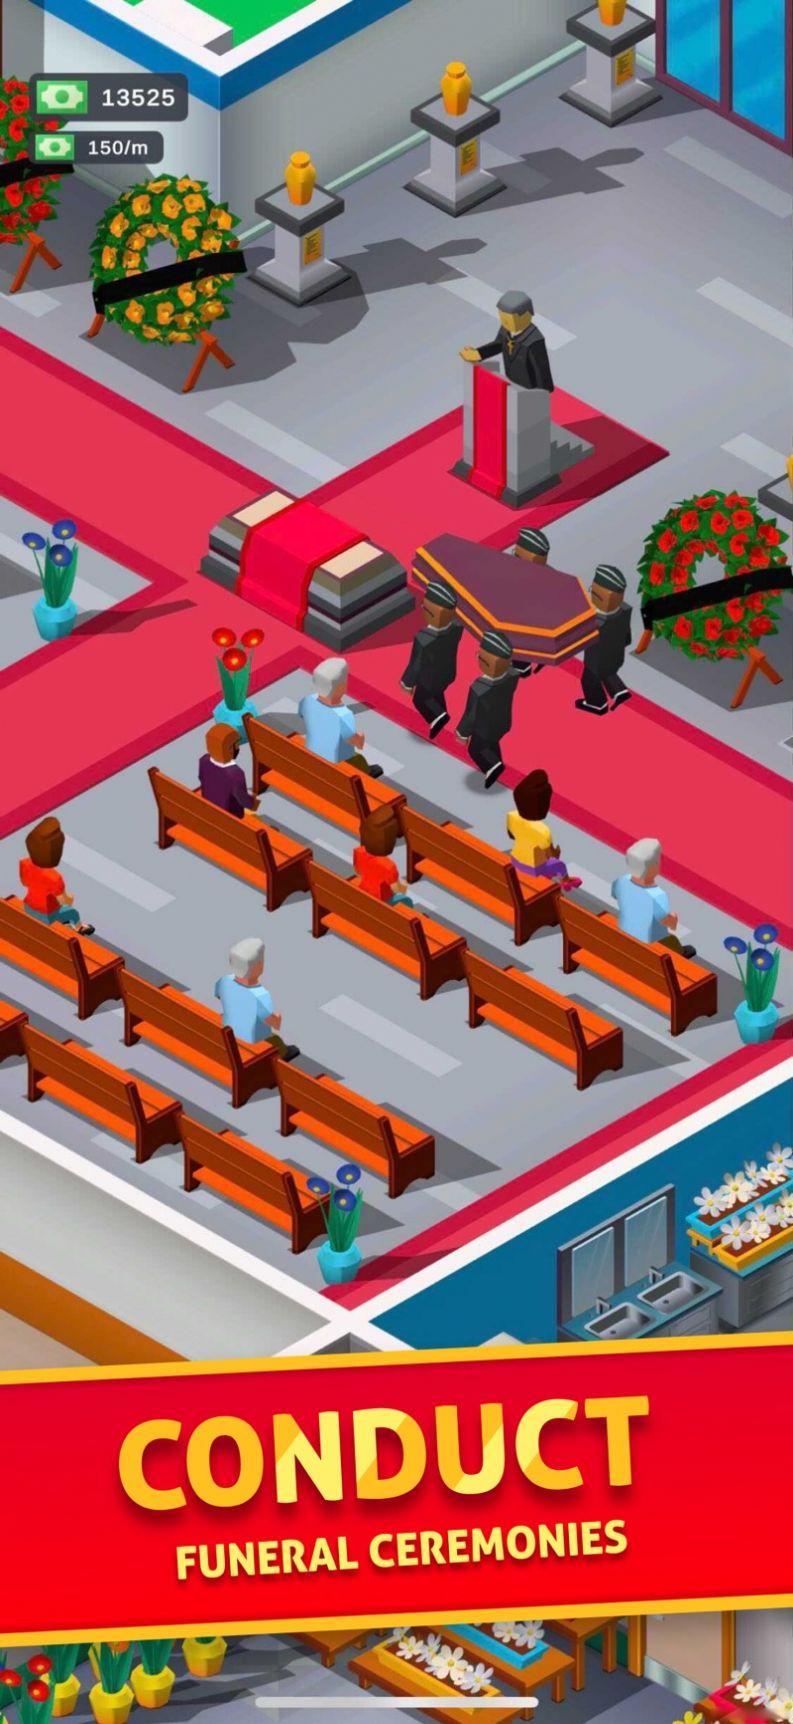 墓地公司游戏安卓版图1: